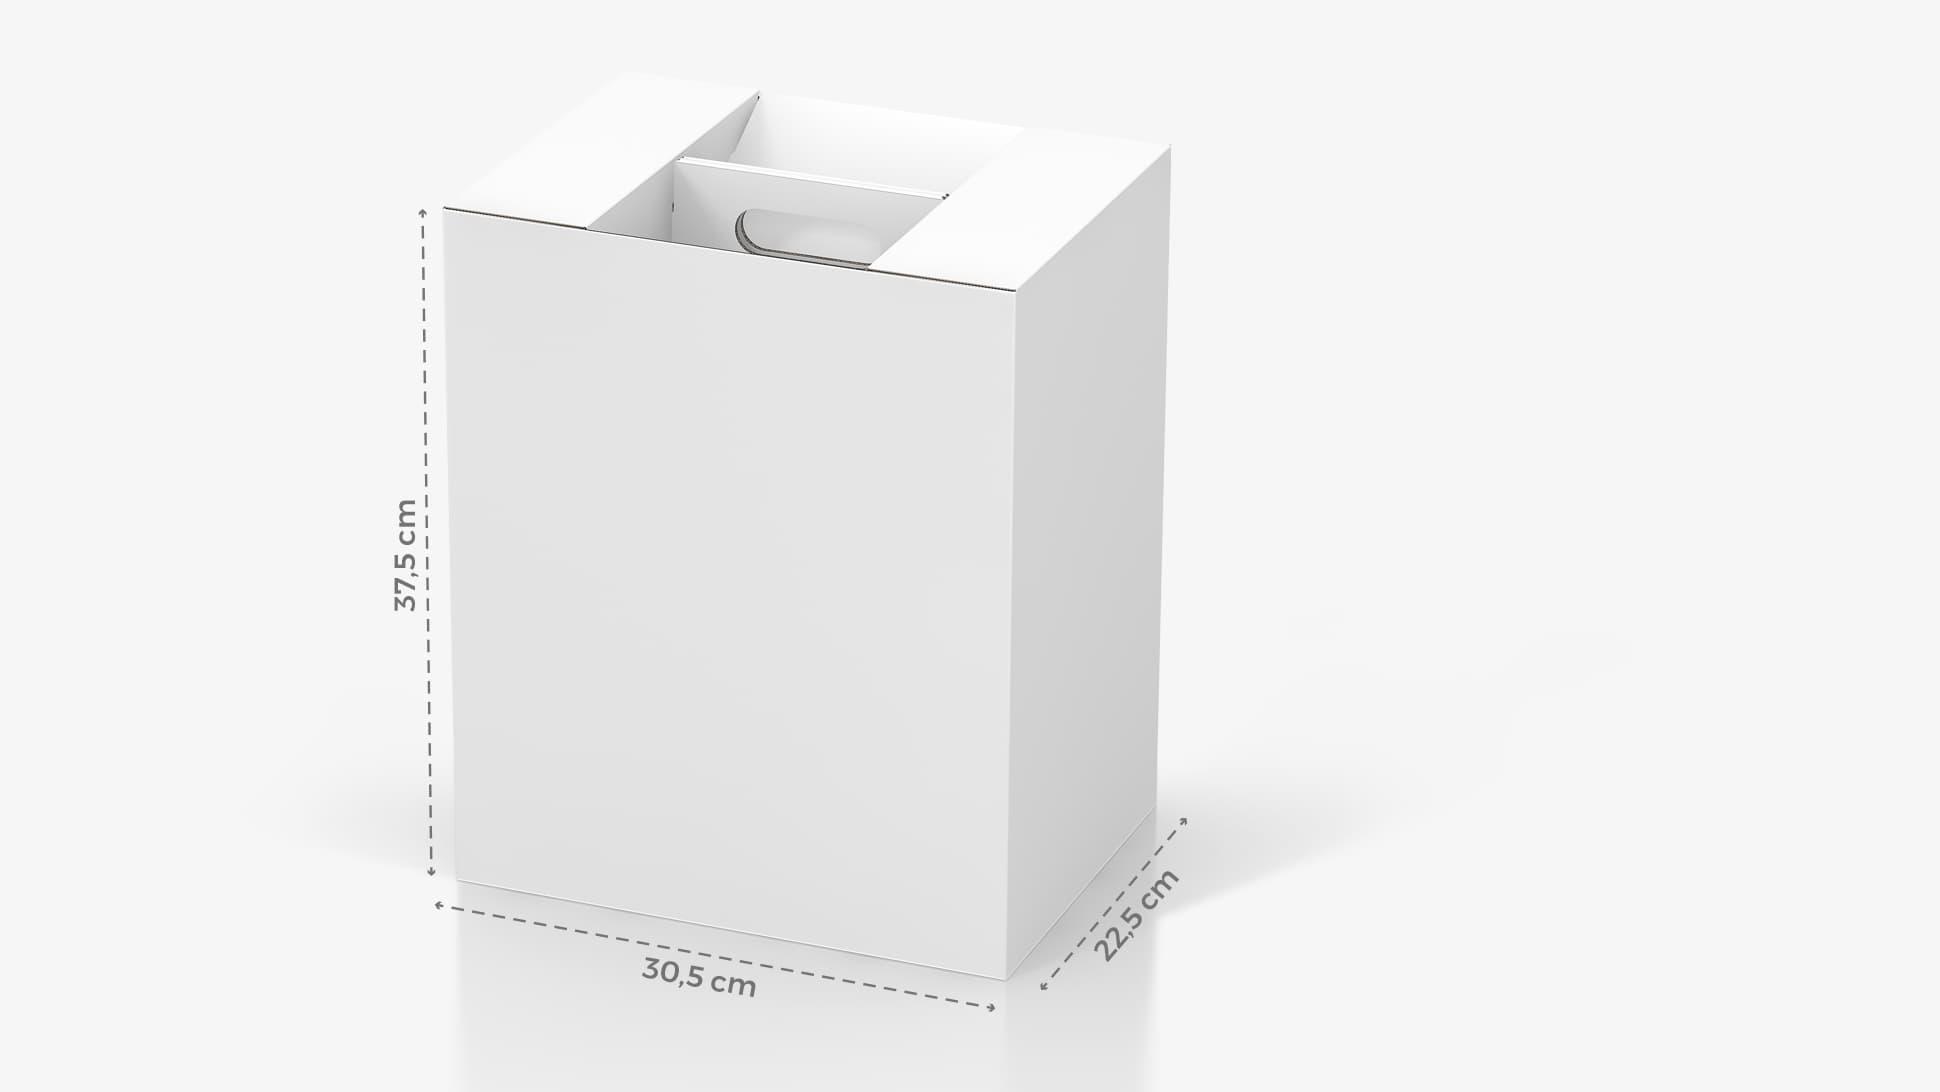 Portabottiglie in cartone 30,5x37,5 cm personalizzabile | tictac.it